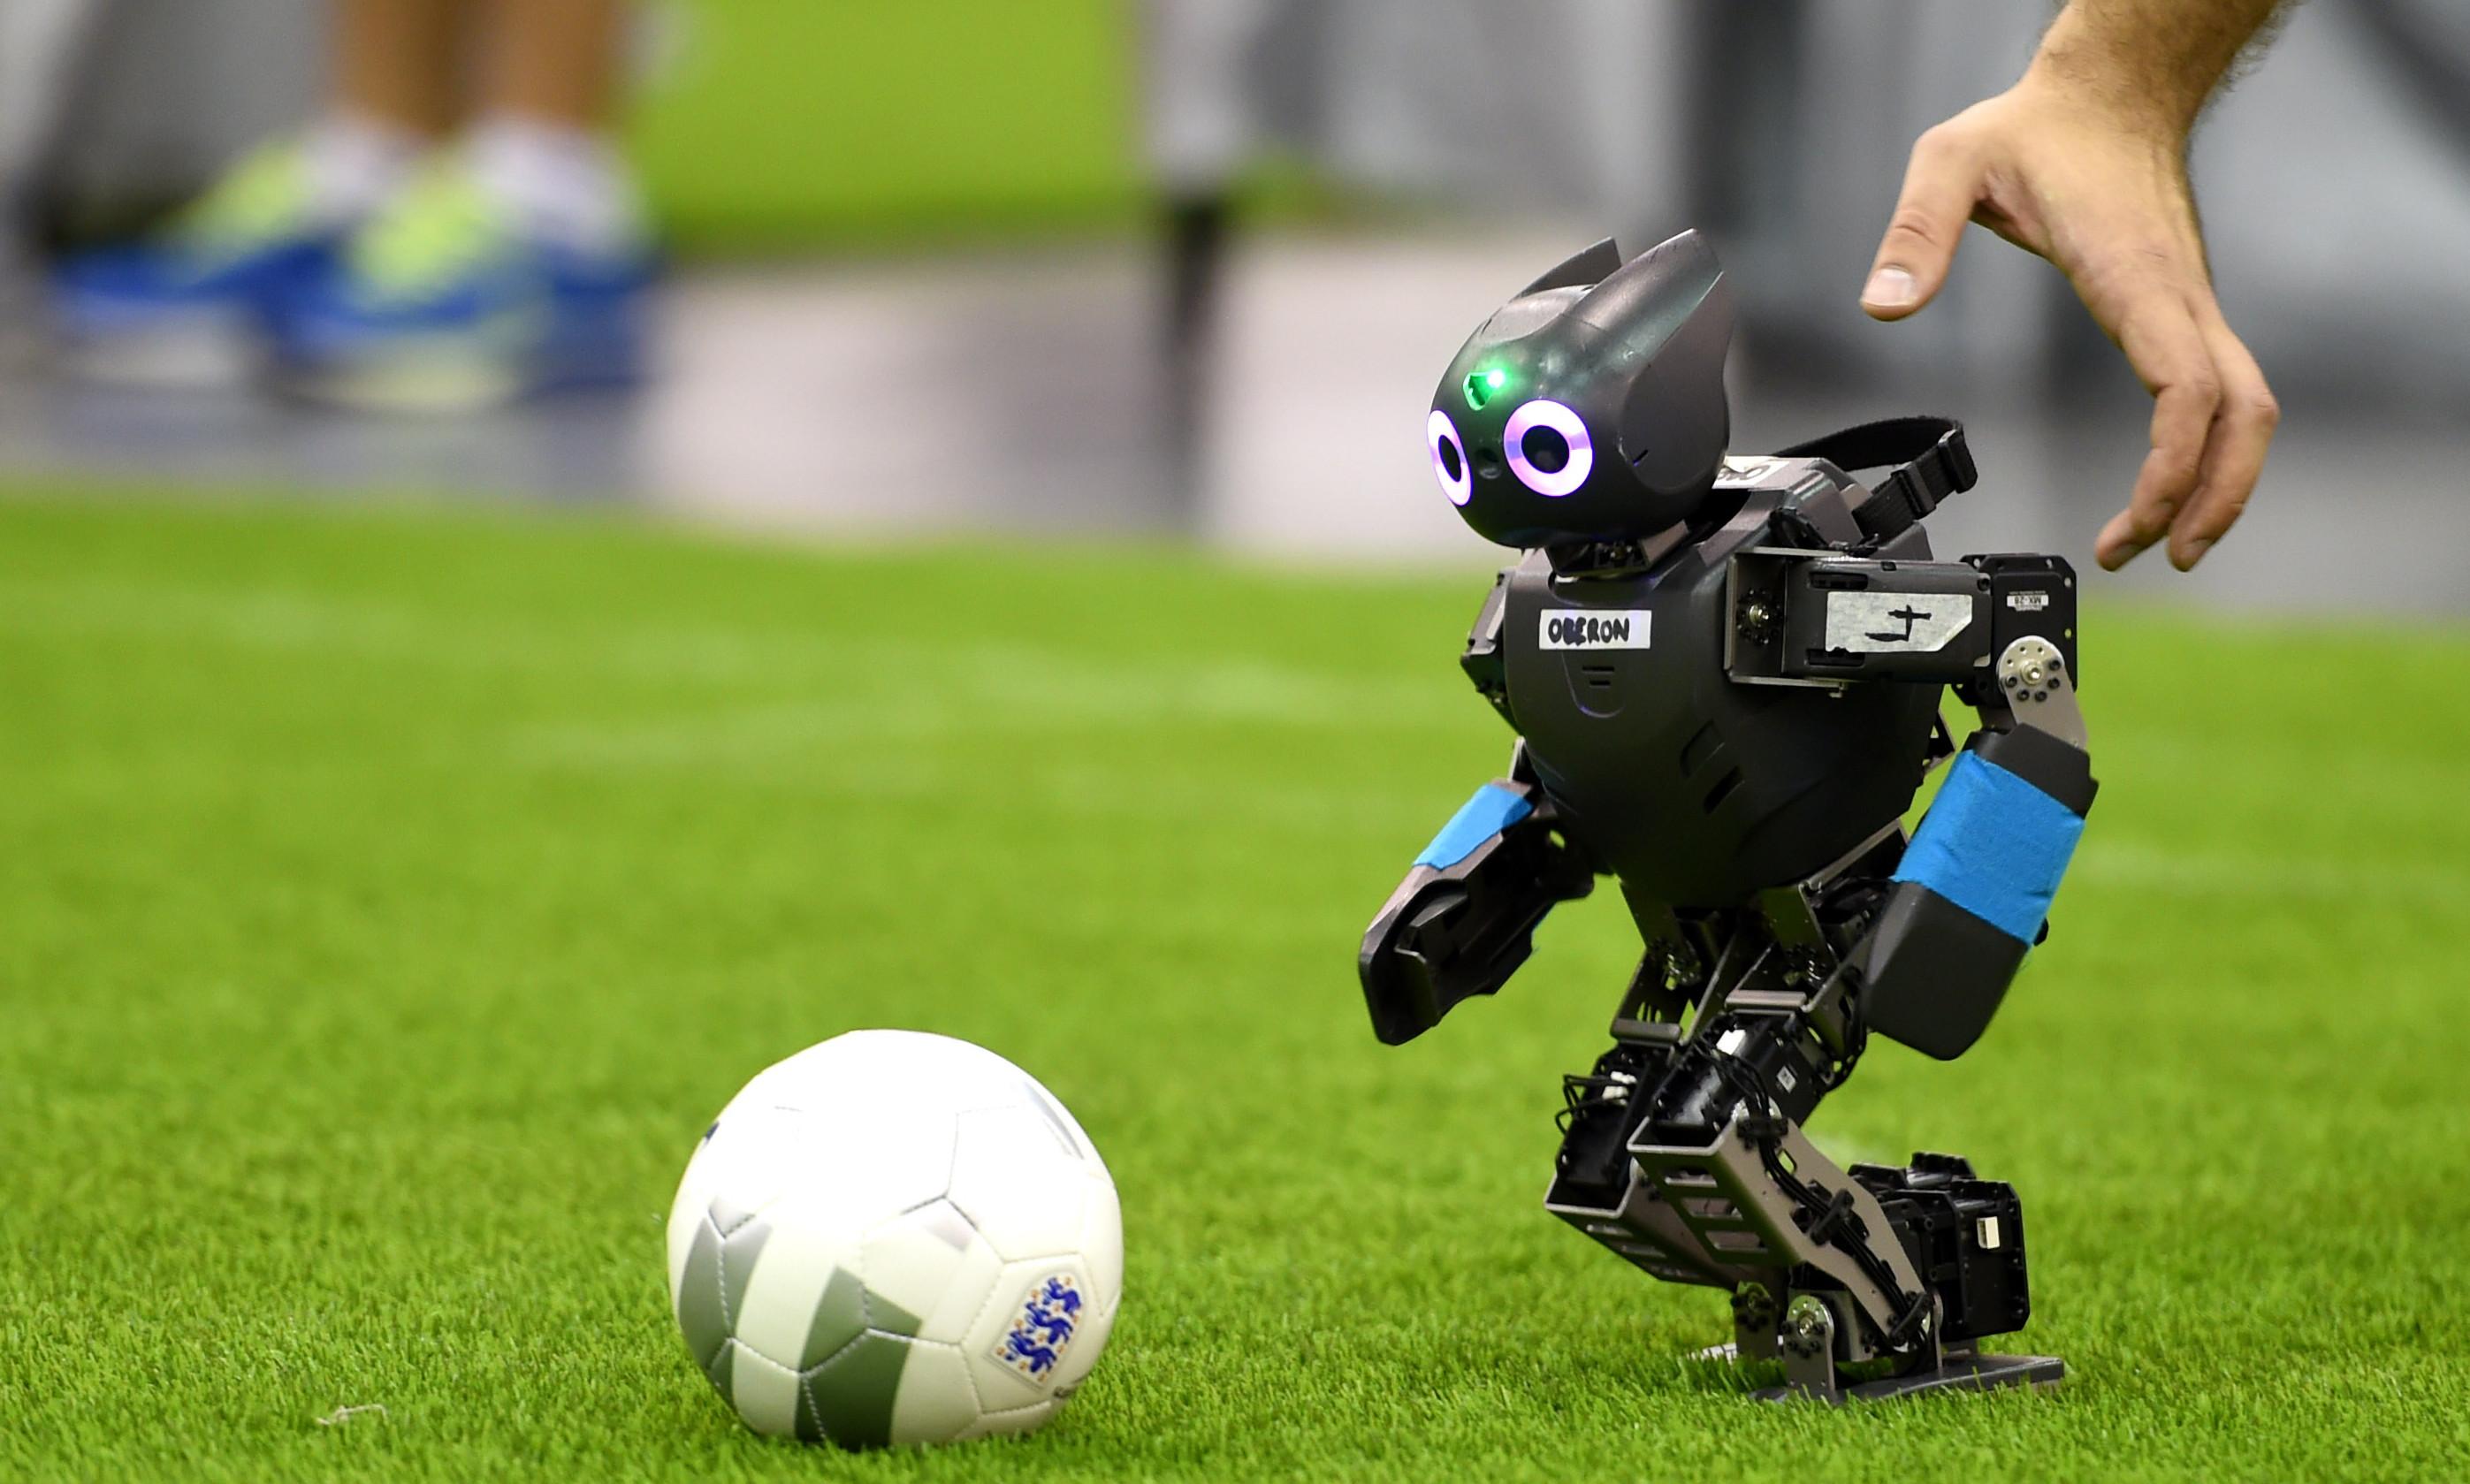 Technology – Robot Soccer Ball Wallpaper